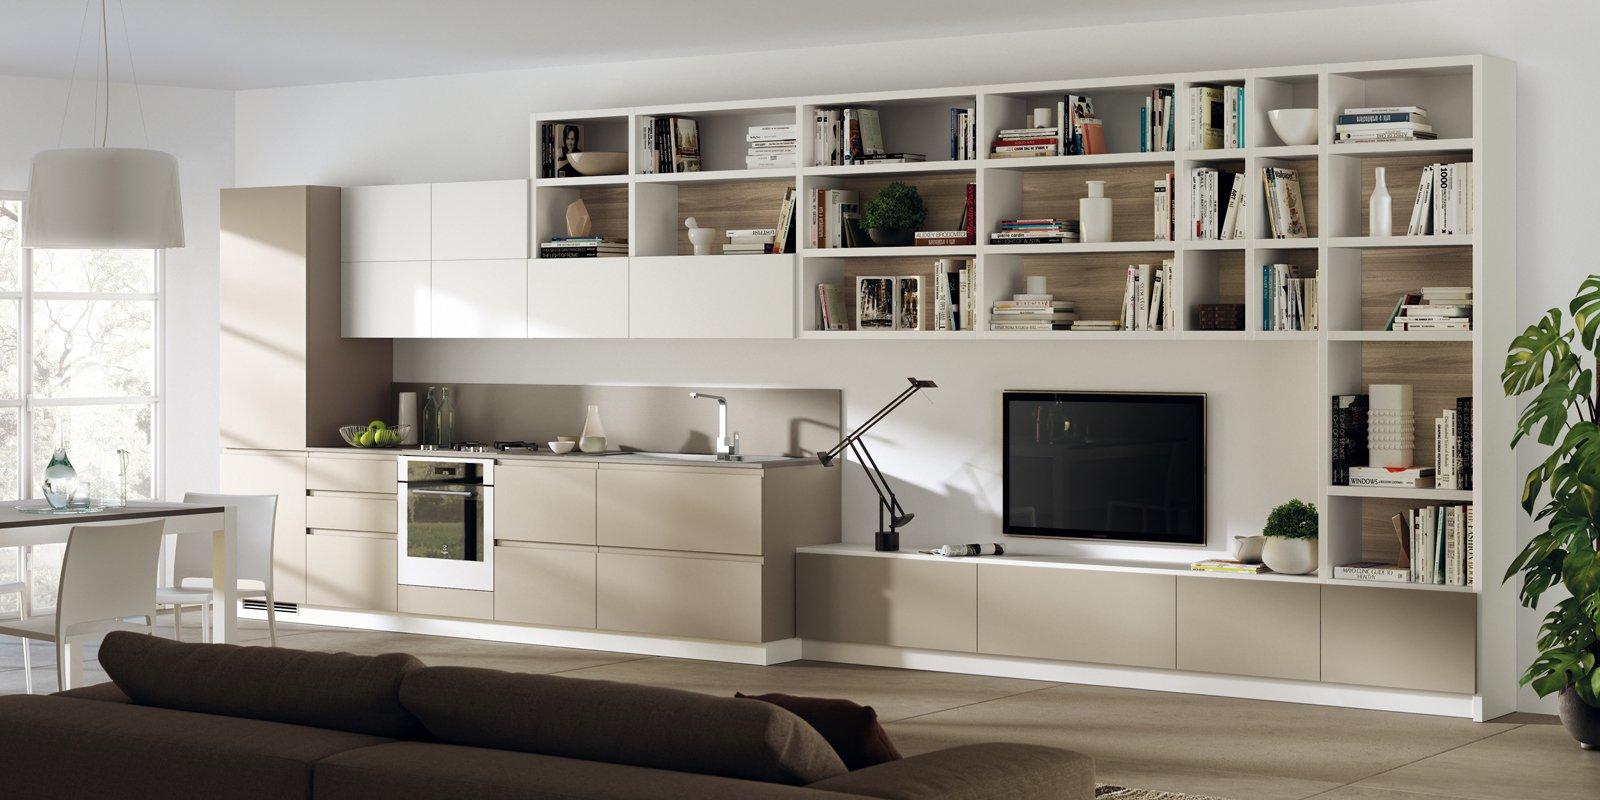 14 soluzioni coordinate di cucina soggiorno cose di casa for Immagini di soggiorni